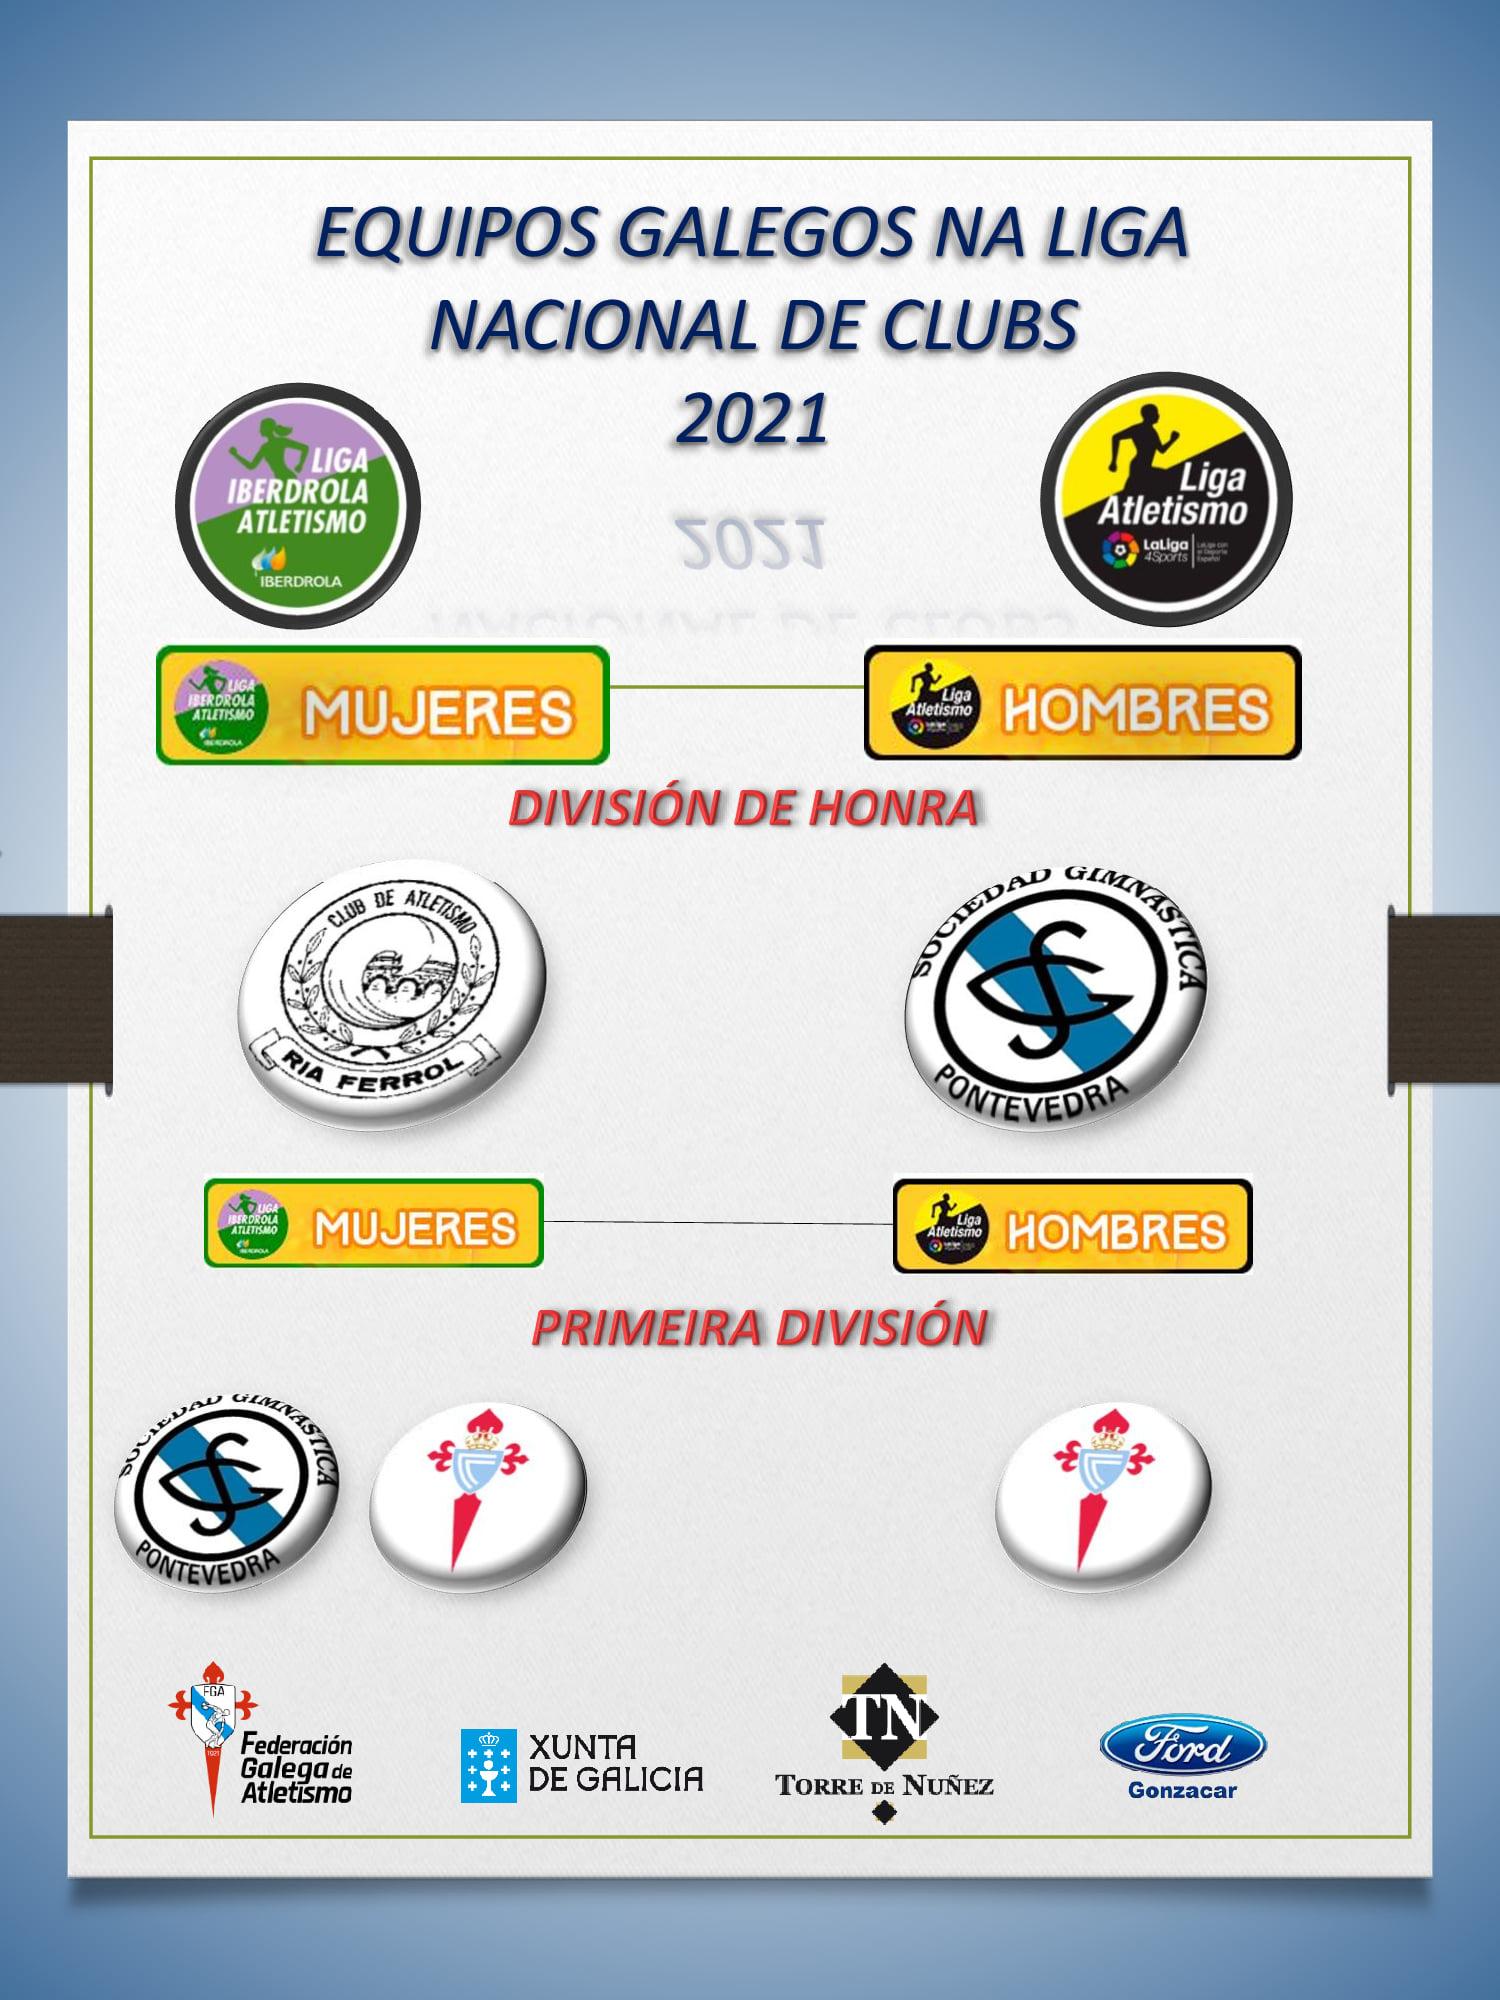 Clubs galegos nas competicións estatais de atletismo / FG ATLETISMO